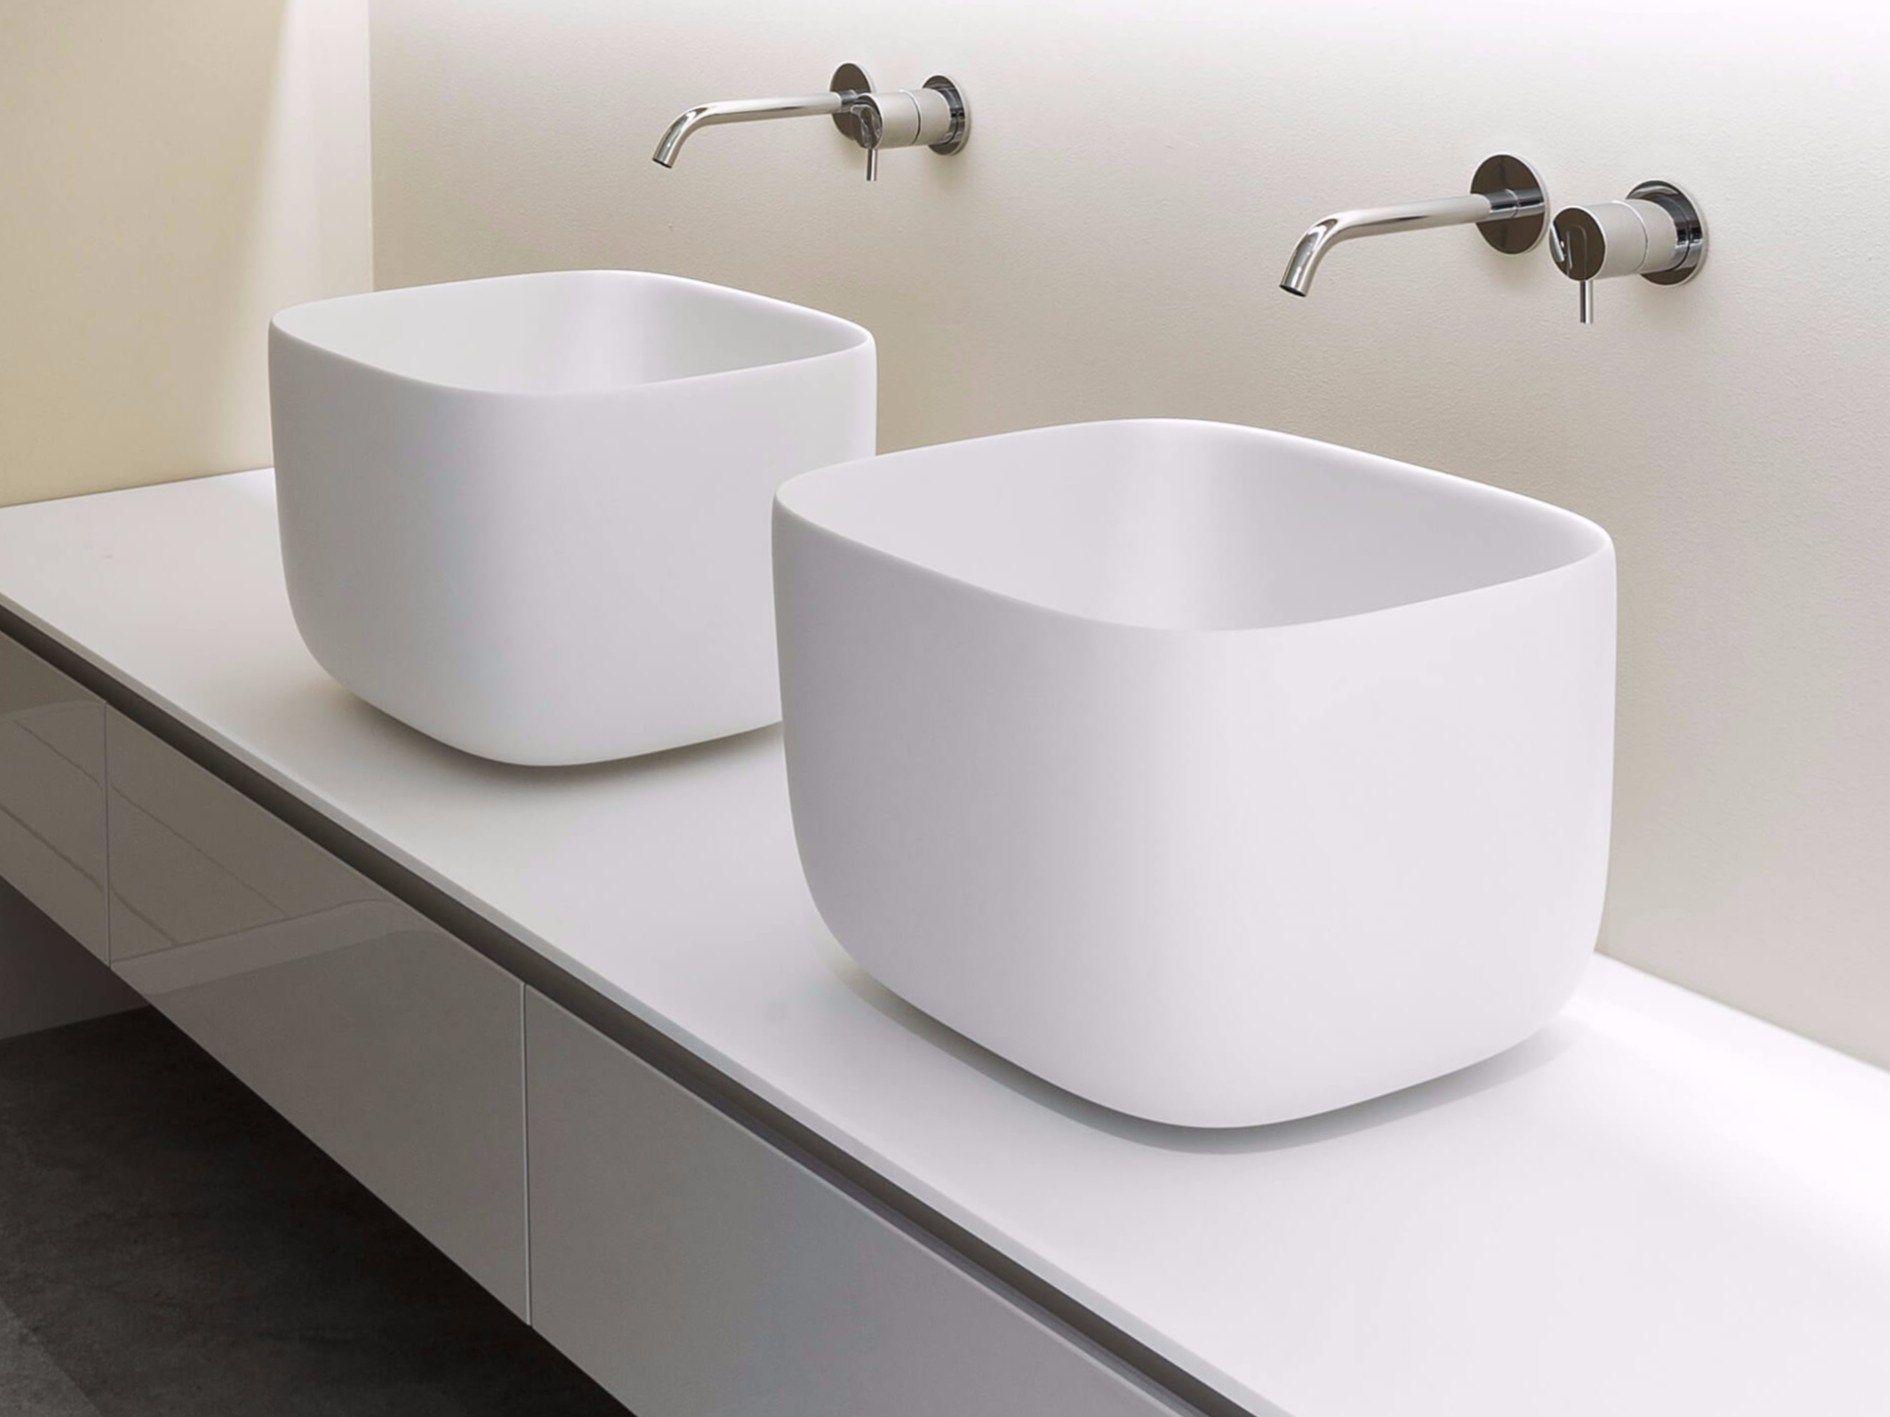 SIMPLO | Lavabo rotondo By Antonio Lupi Design design Mario Ferrarini